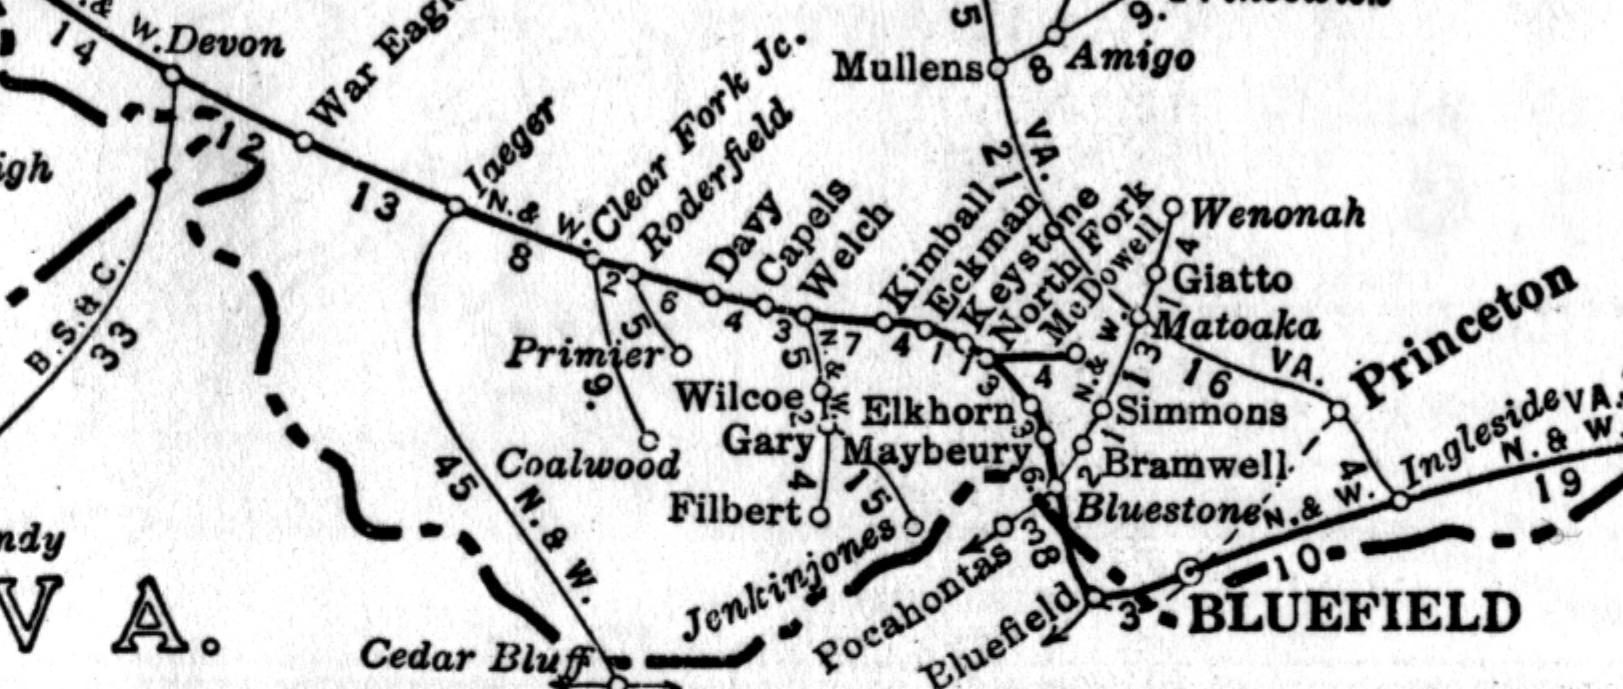 Coalwood West Virginia Map.Railroads